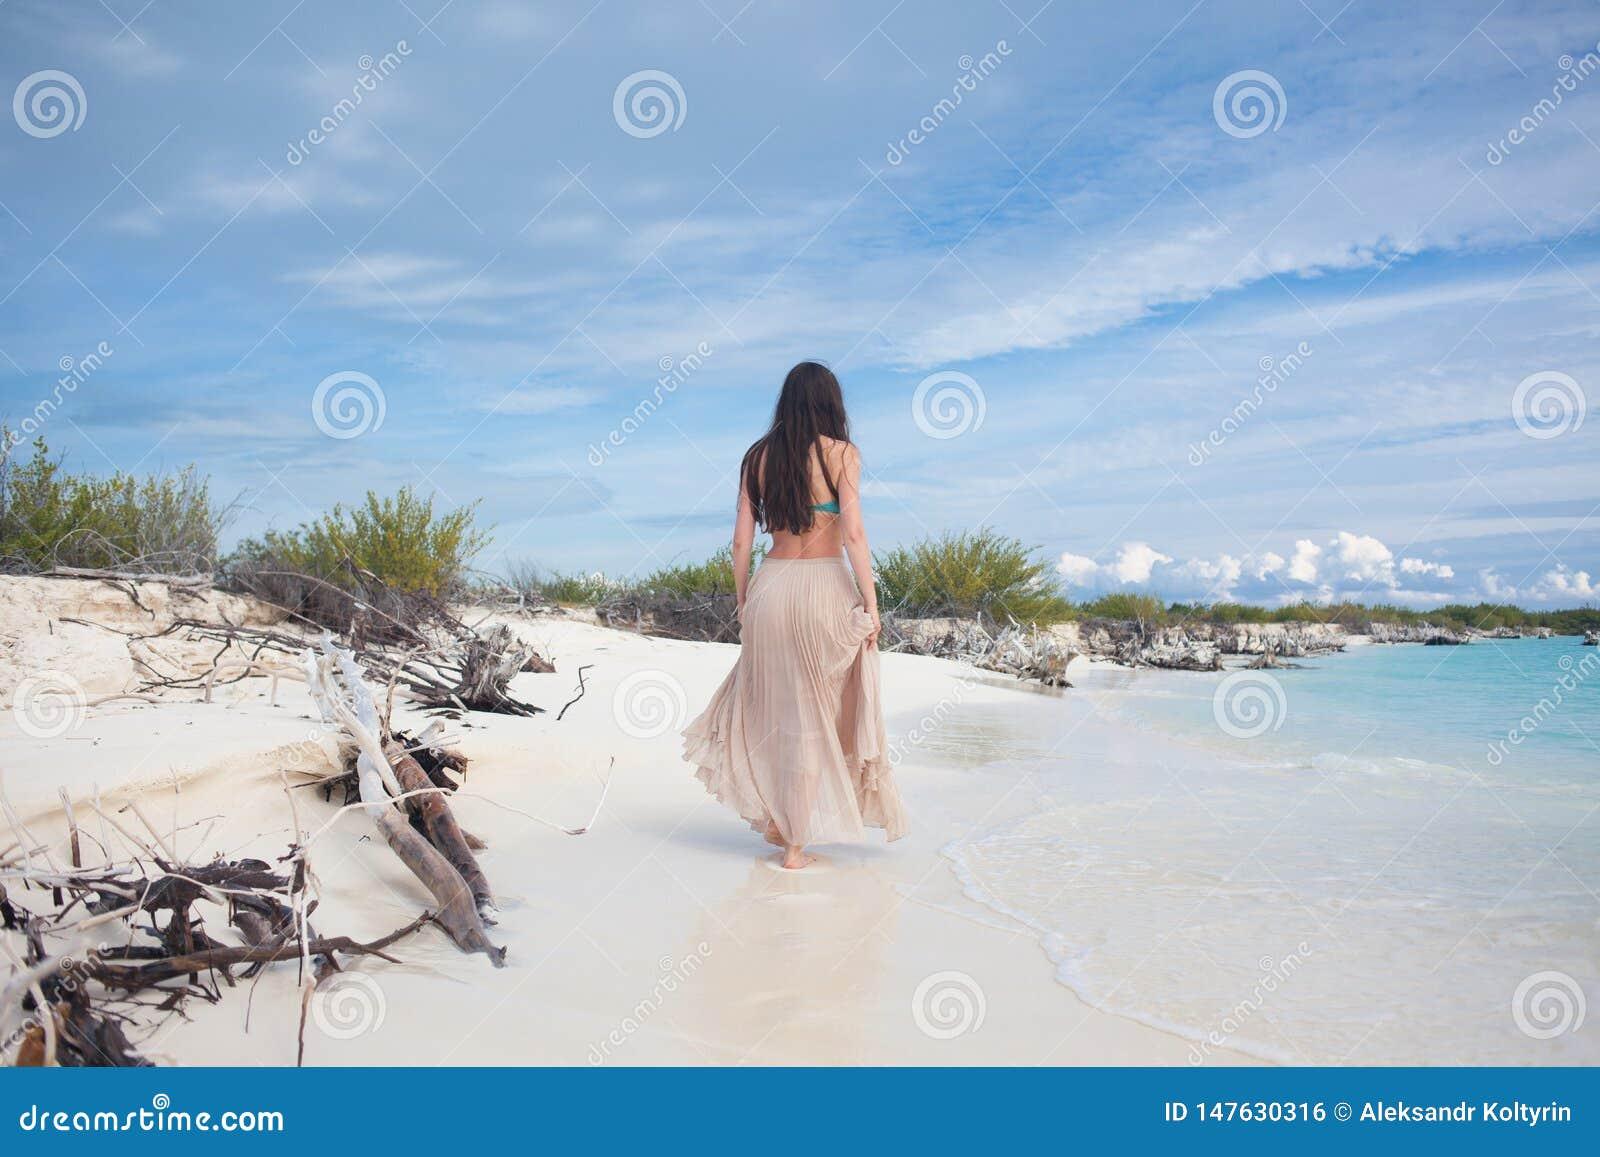 Молодая привлекательная женщина в бикини и длинной юбке Красивая девушка наслаждается солнцем лета